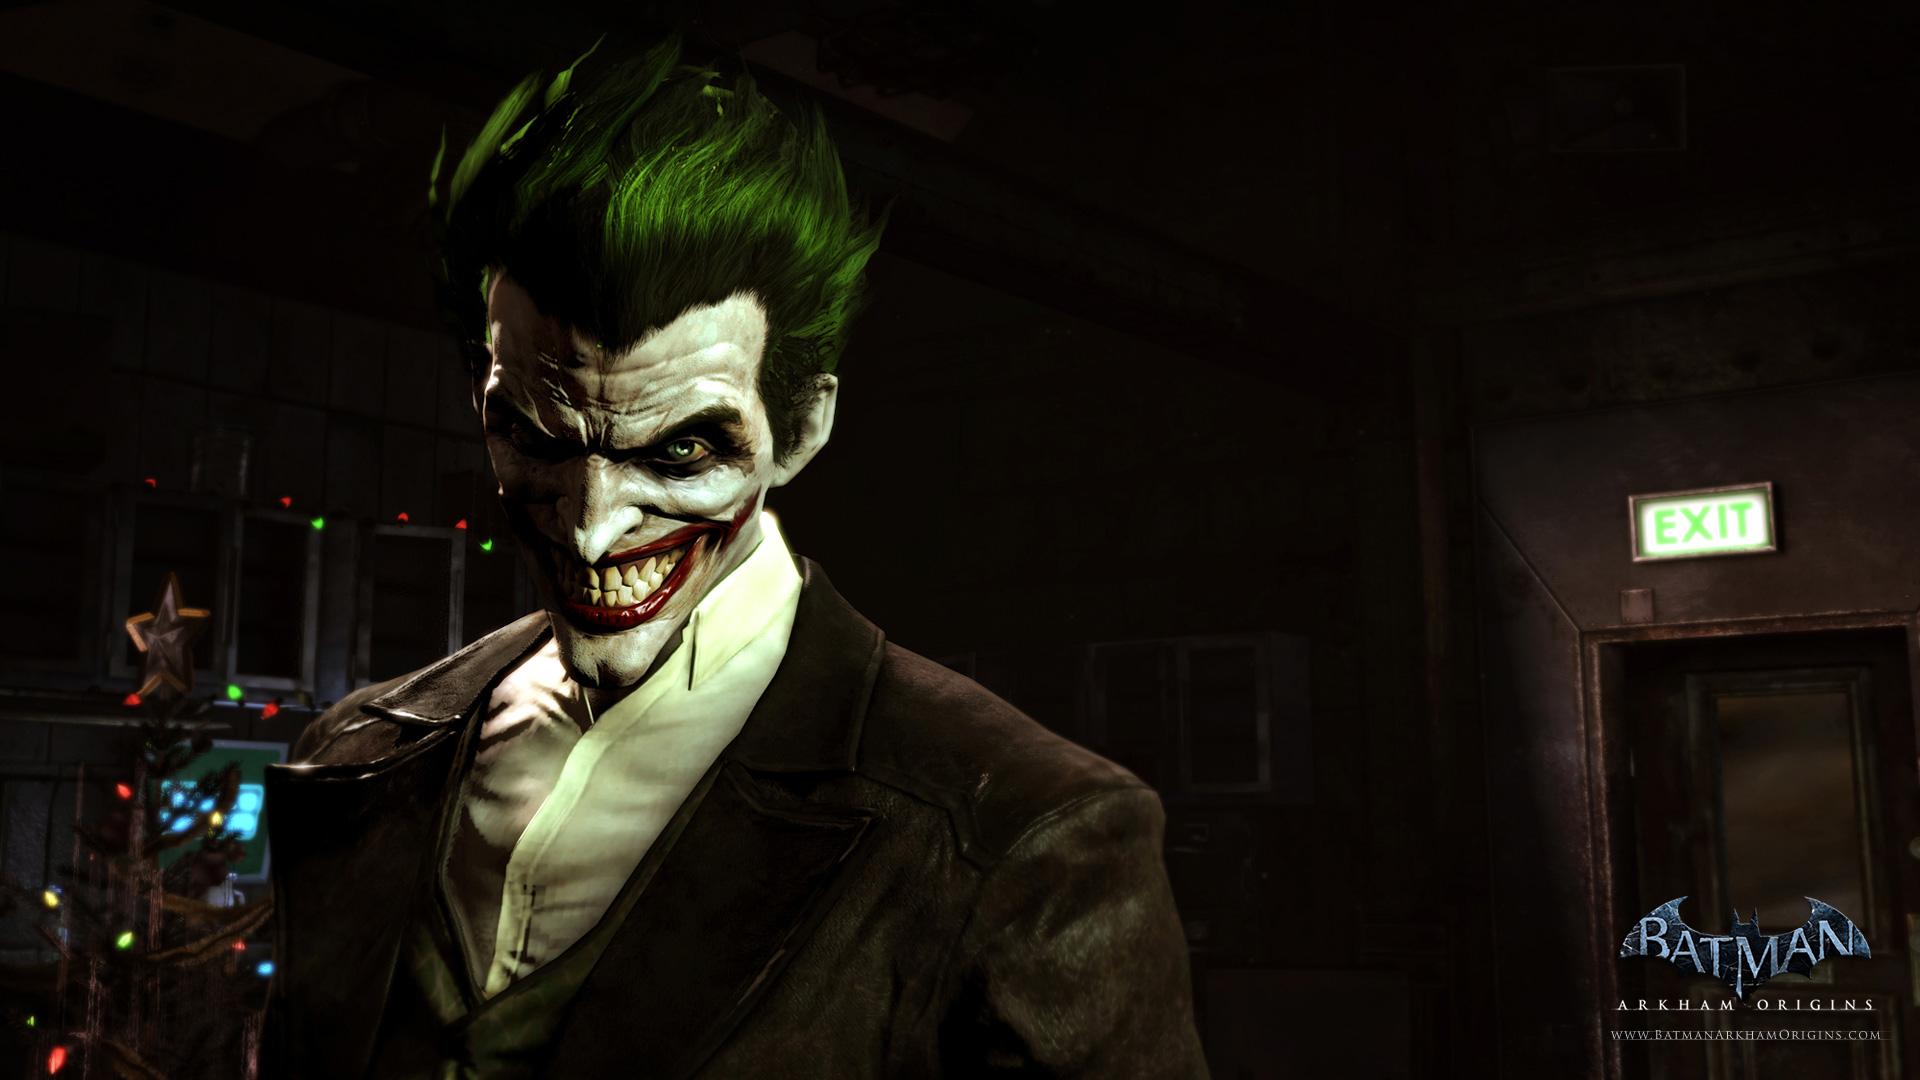 Joker Deathstroke Gordon and Batman feature in these HD Arkham 1920x1080